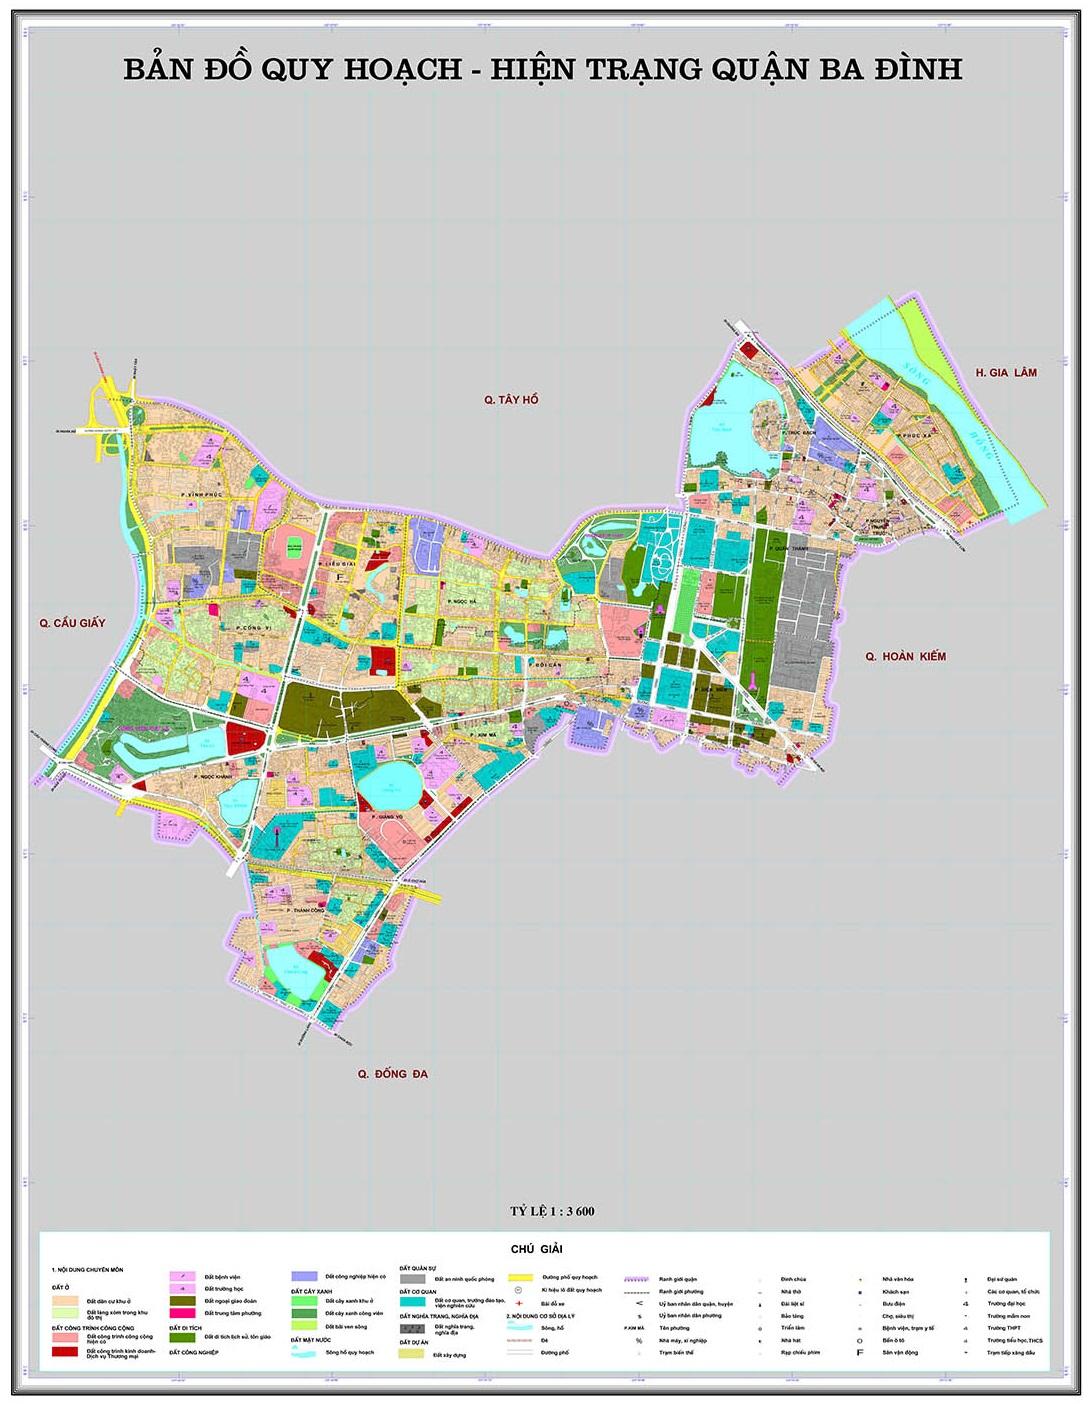 Bản đồ quy hoạch quận Ba Đình đến năm 2020